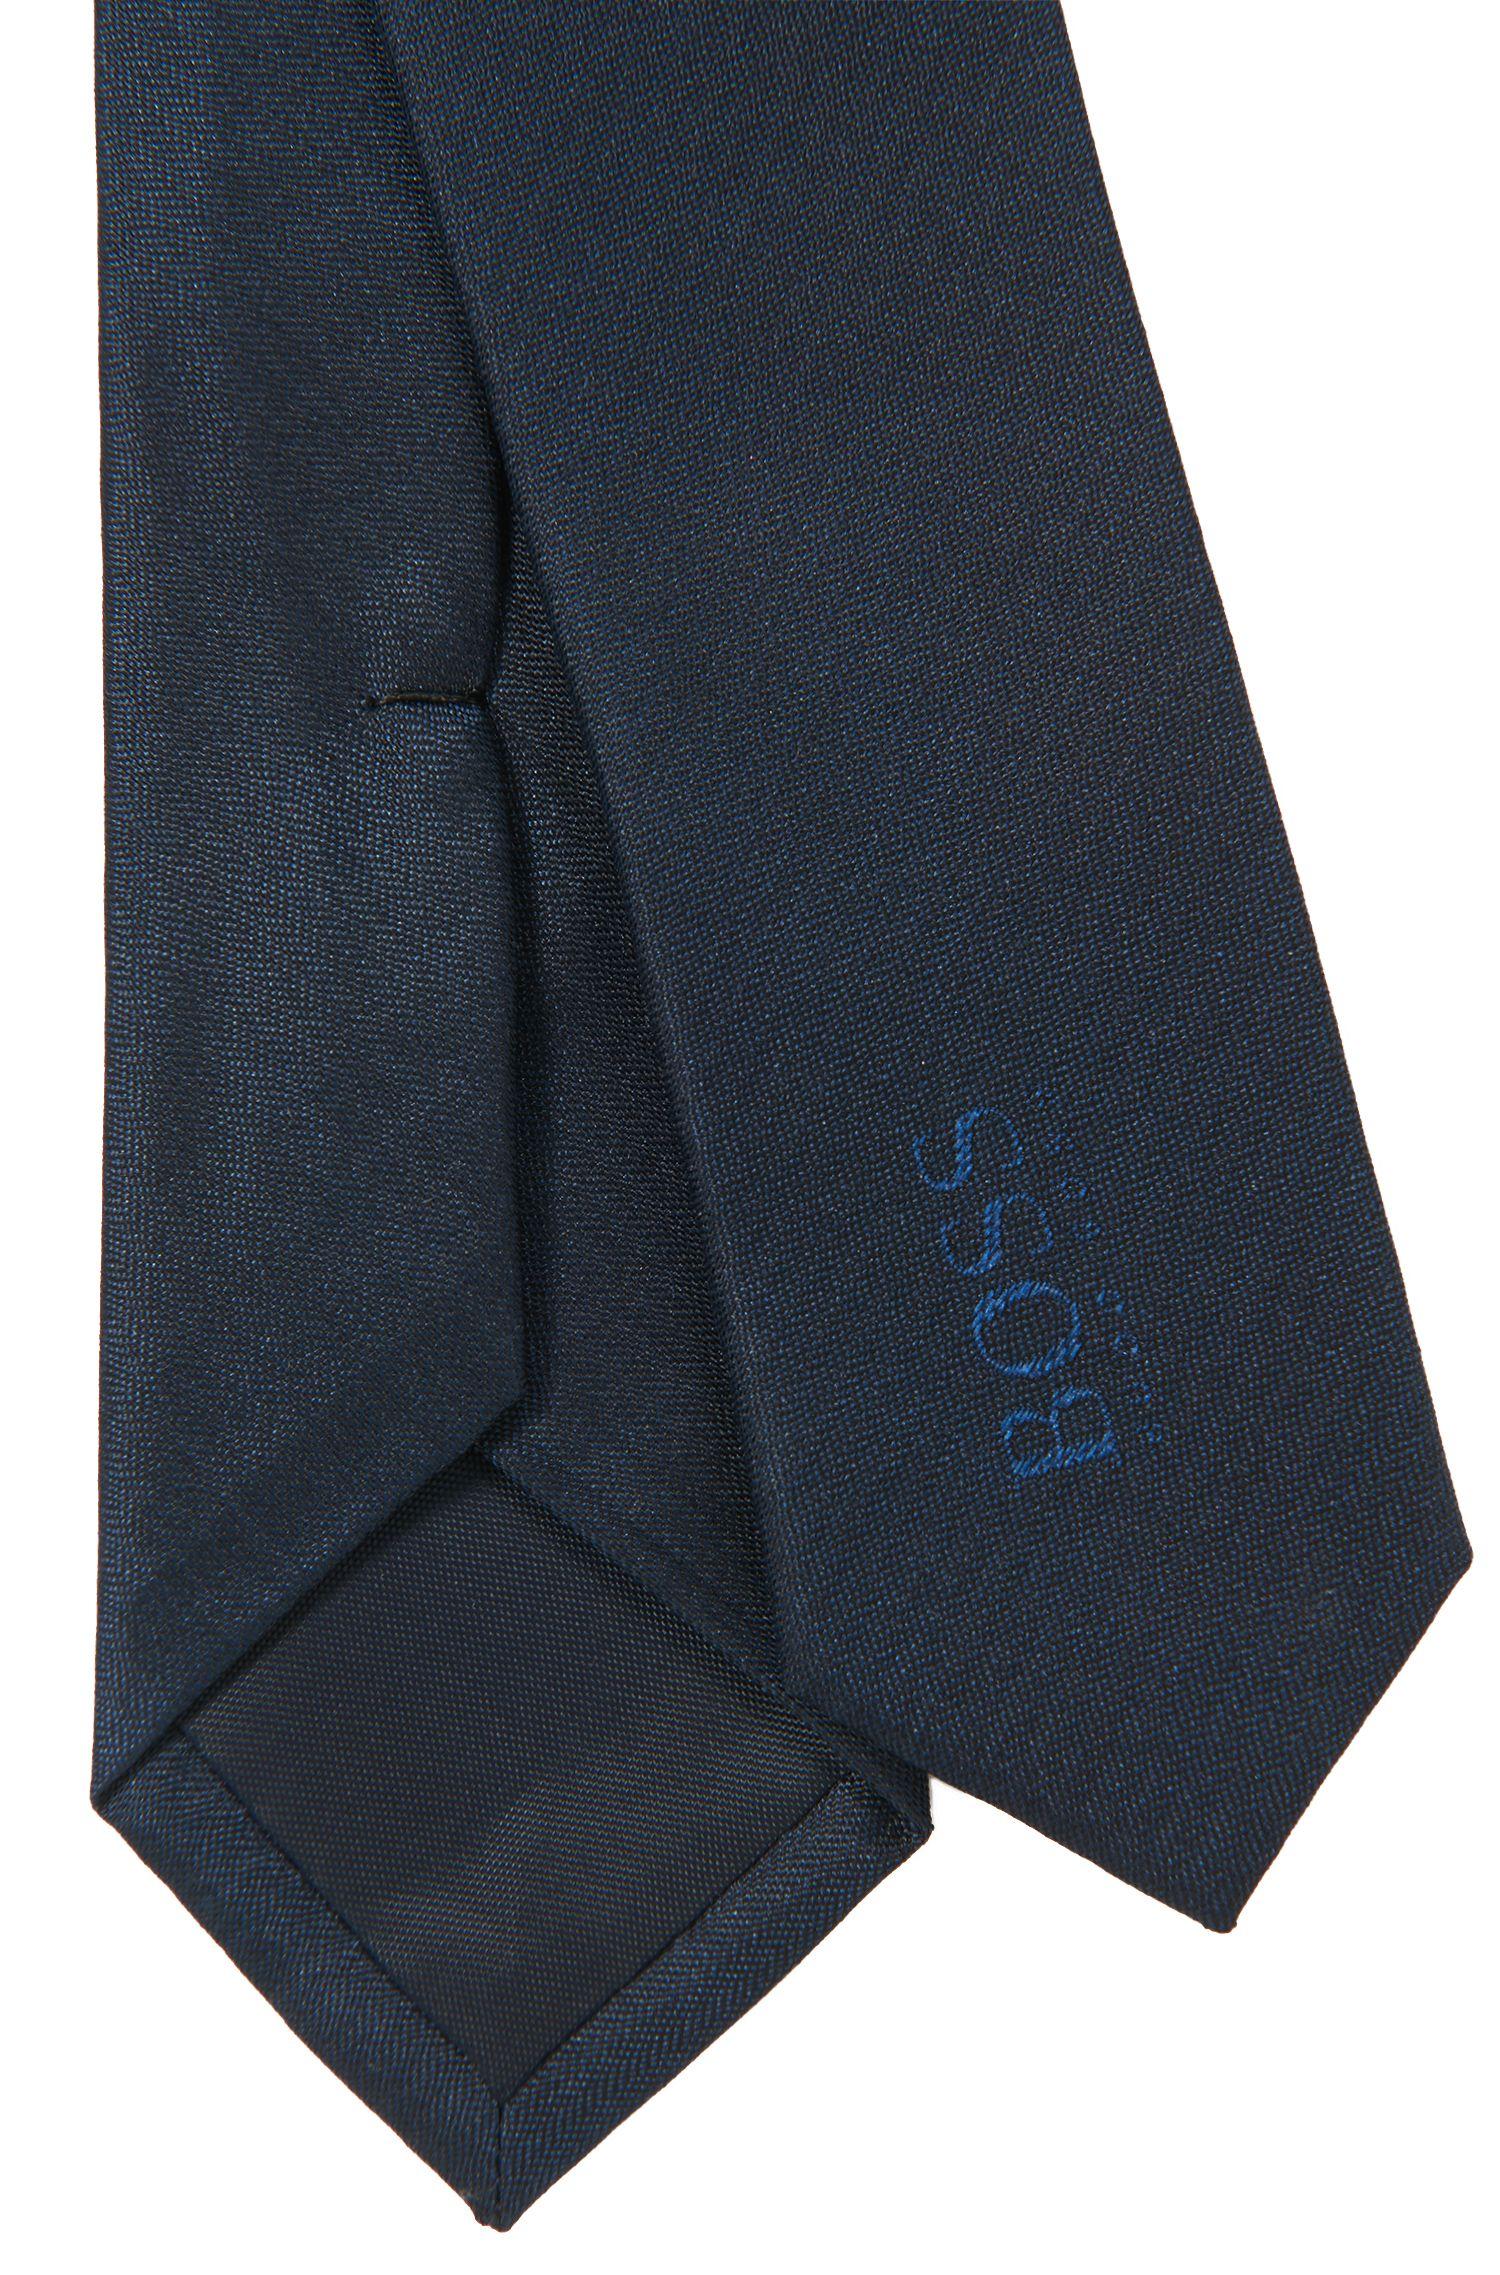 Cravate habillée pour enfant en belle soie, Bleu foncé